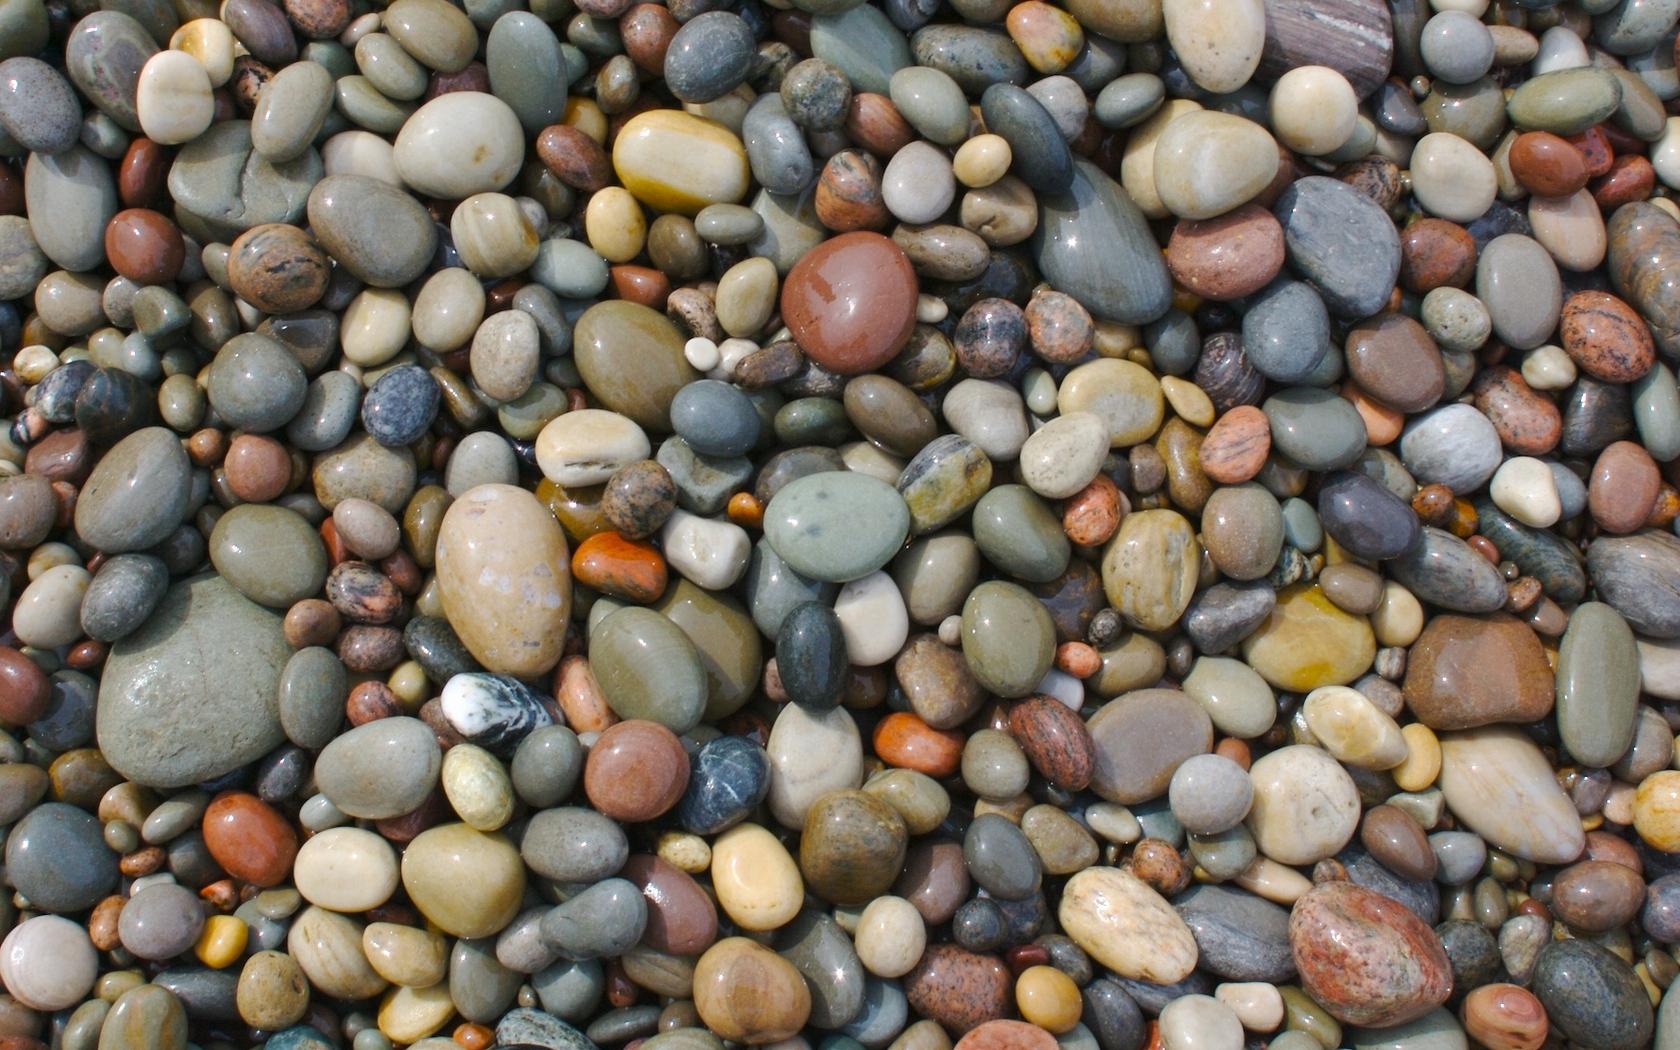 Wet Stones Wallpaper 1680x1050 Wet Stones Pebbles 1680x1050